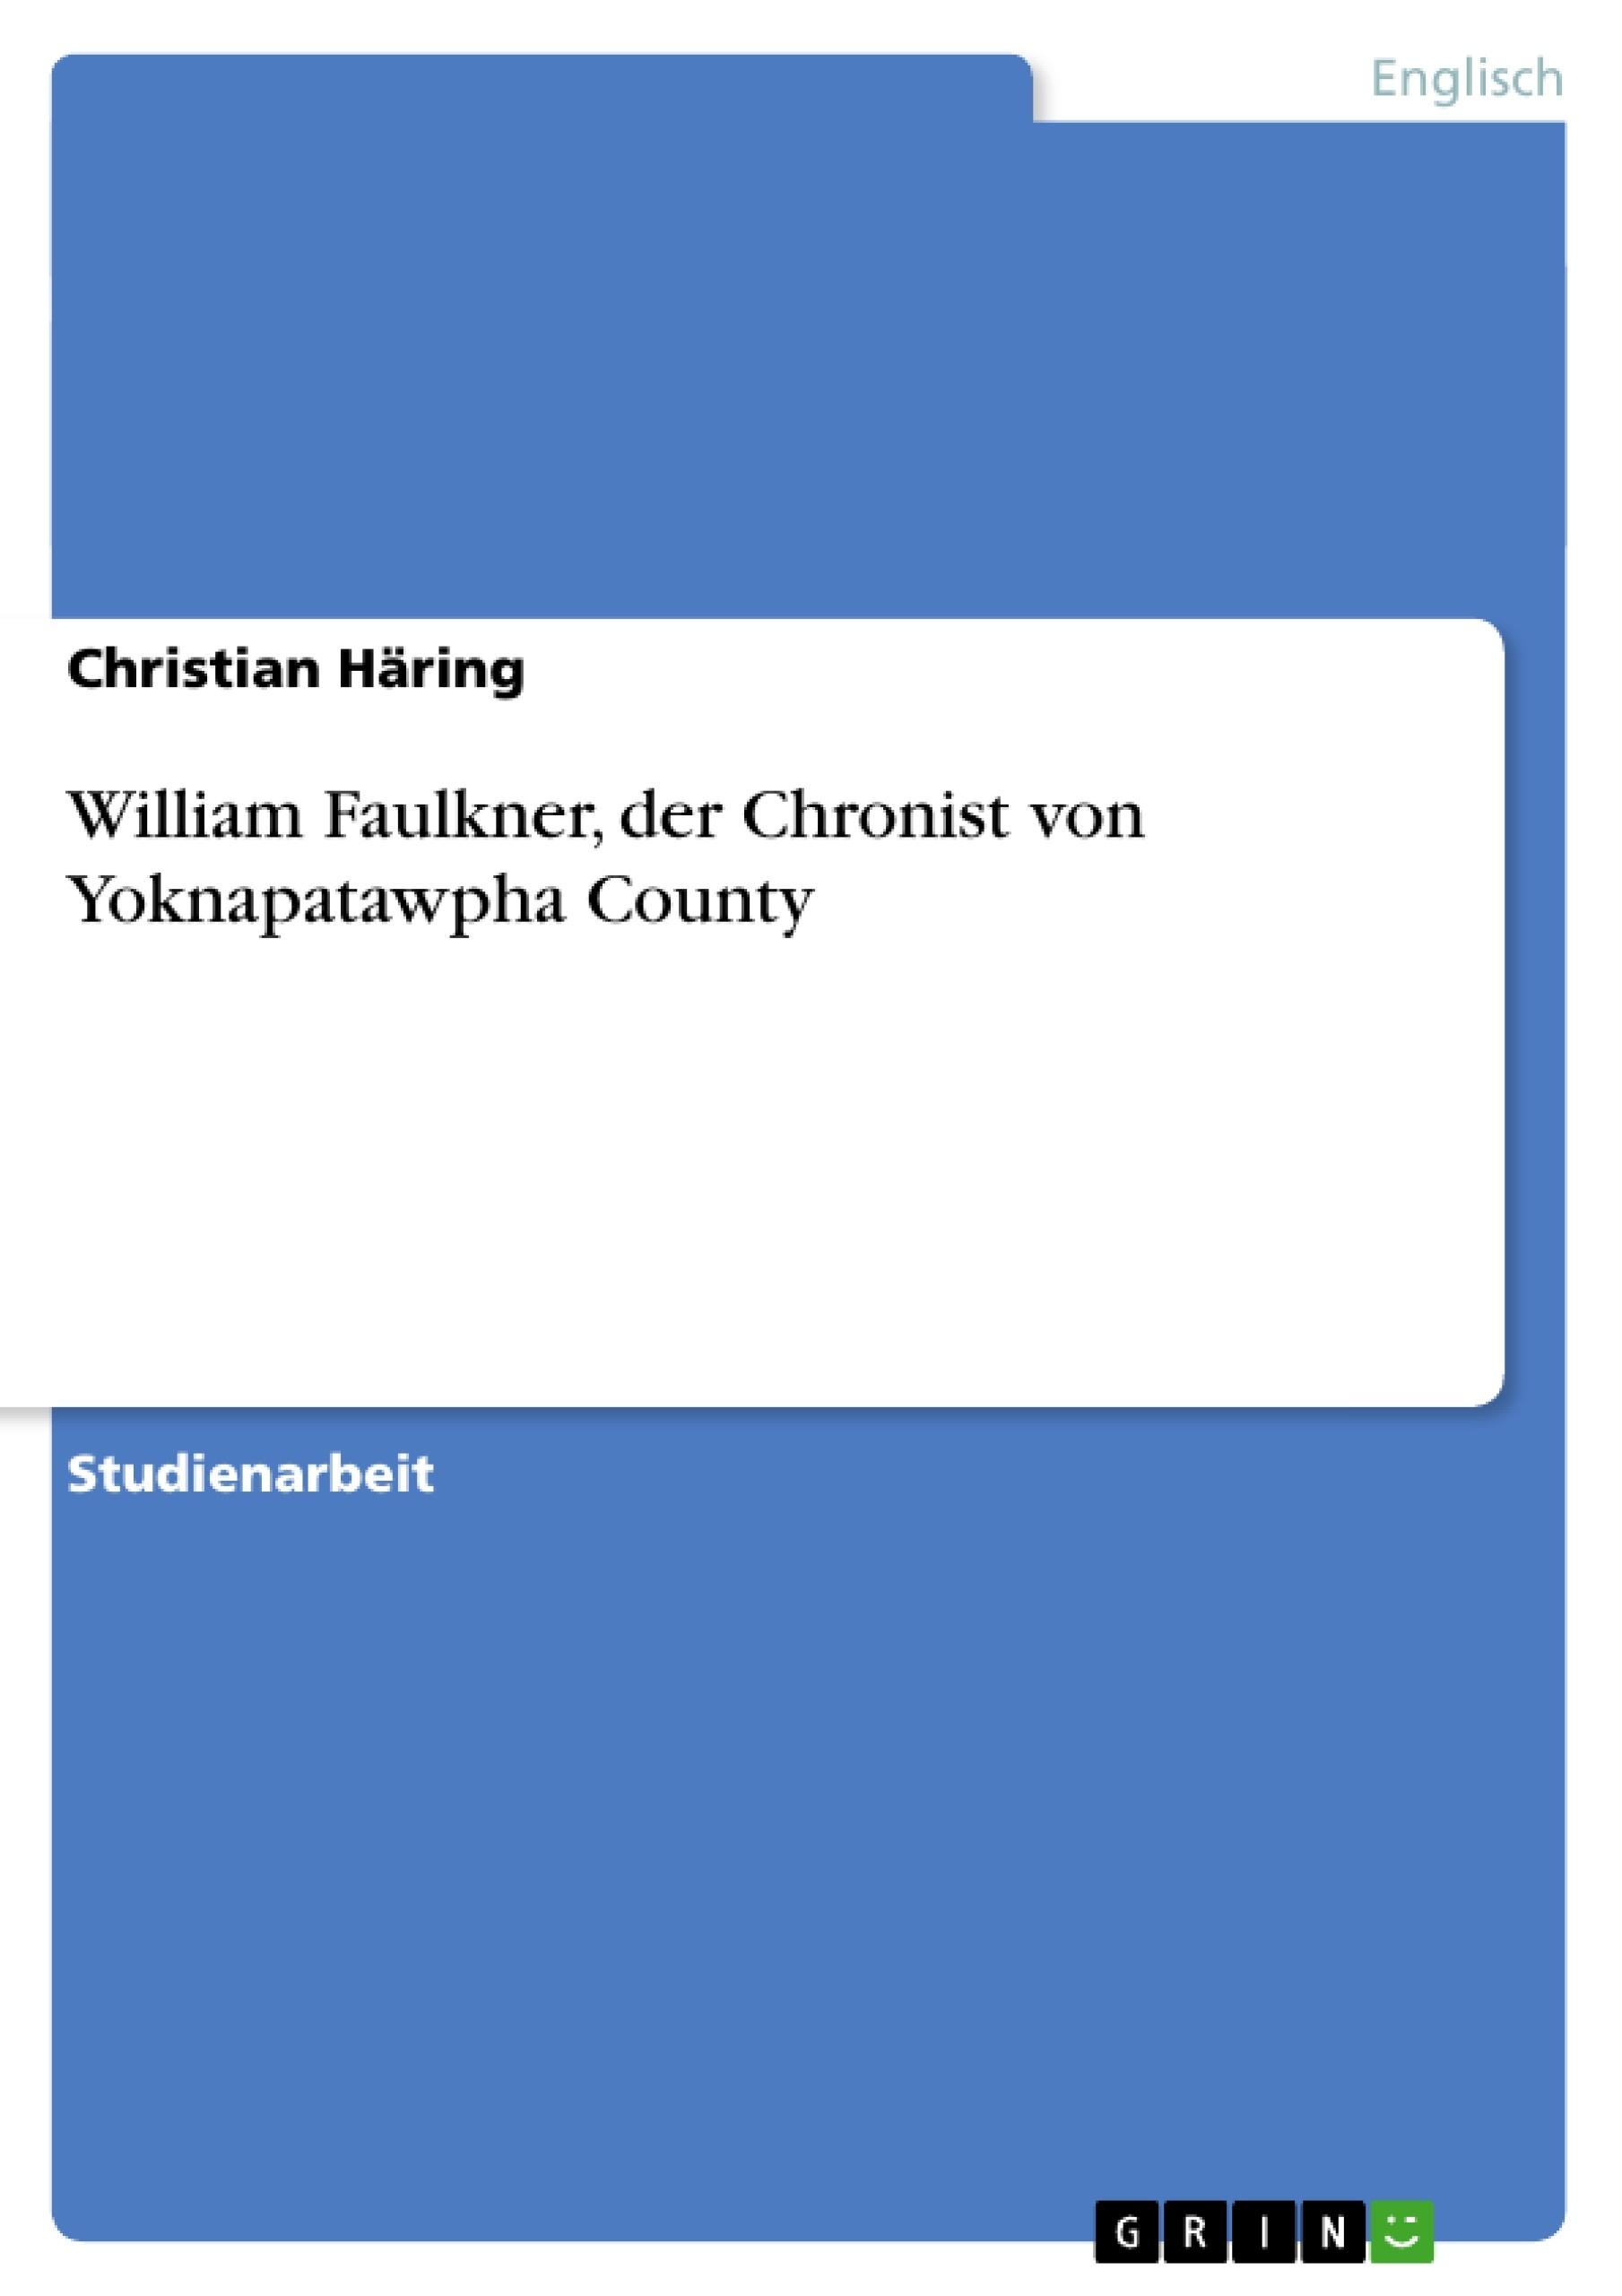 Titel: William Faulkner, der Chronist von Yoknapatawpha County